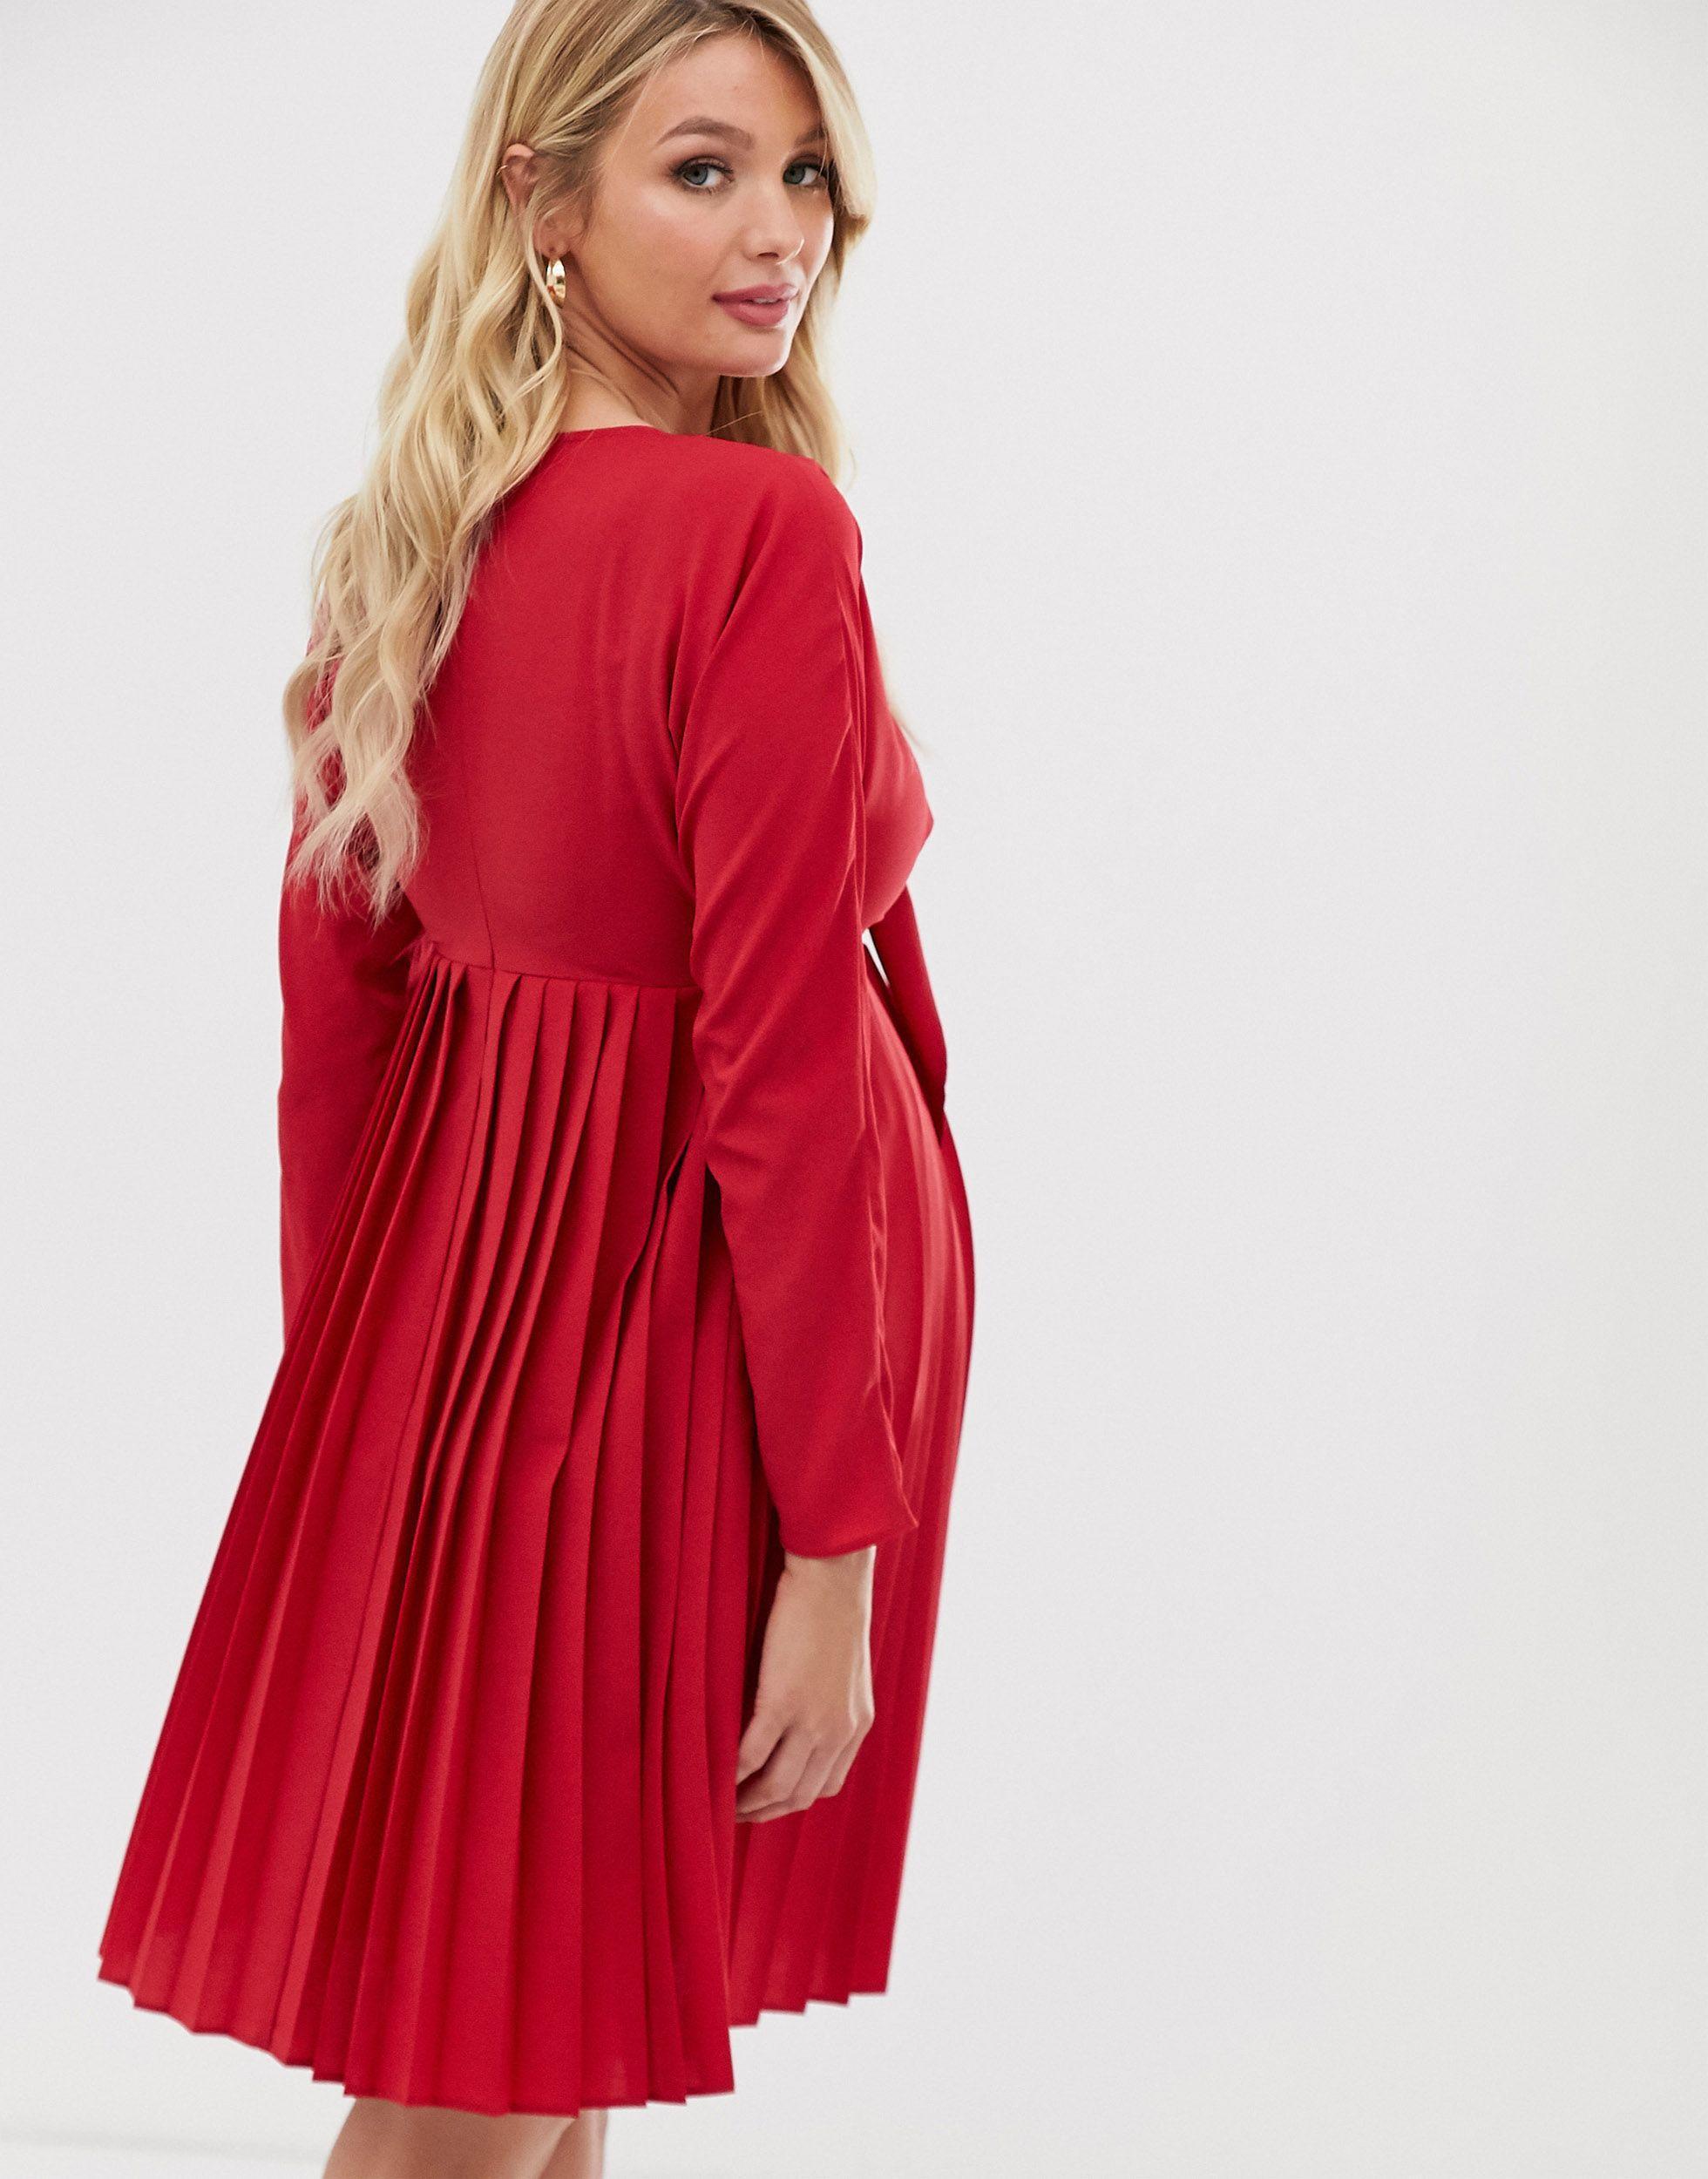 ASOS DESIGN Maternity - Robe courte plissée nouée sur le devant Synthétique ASOS en coloris Rouge